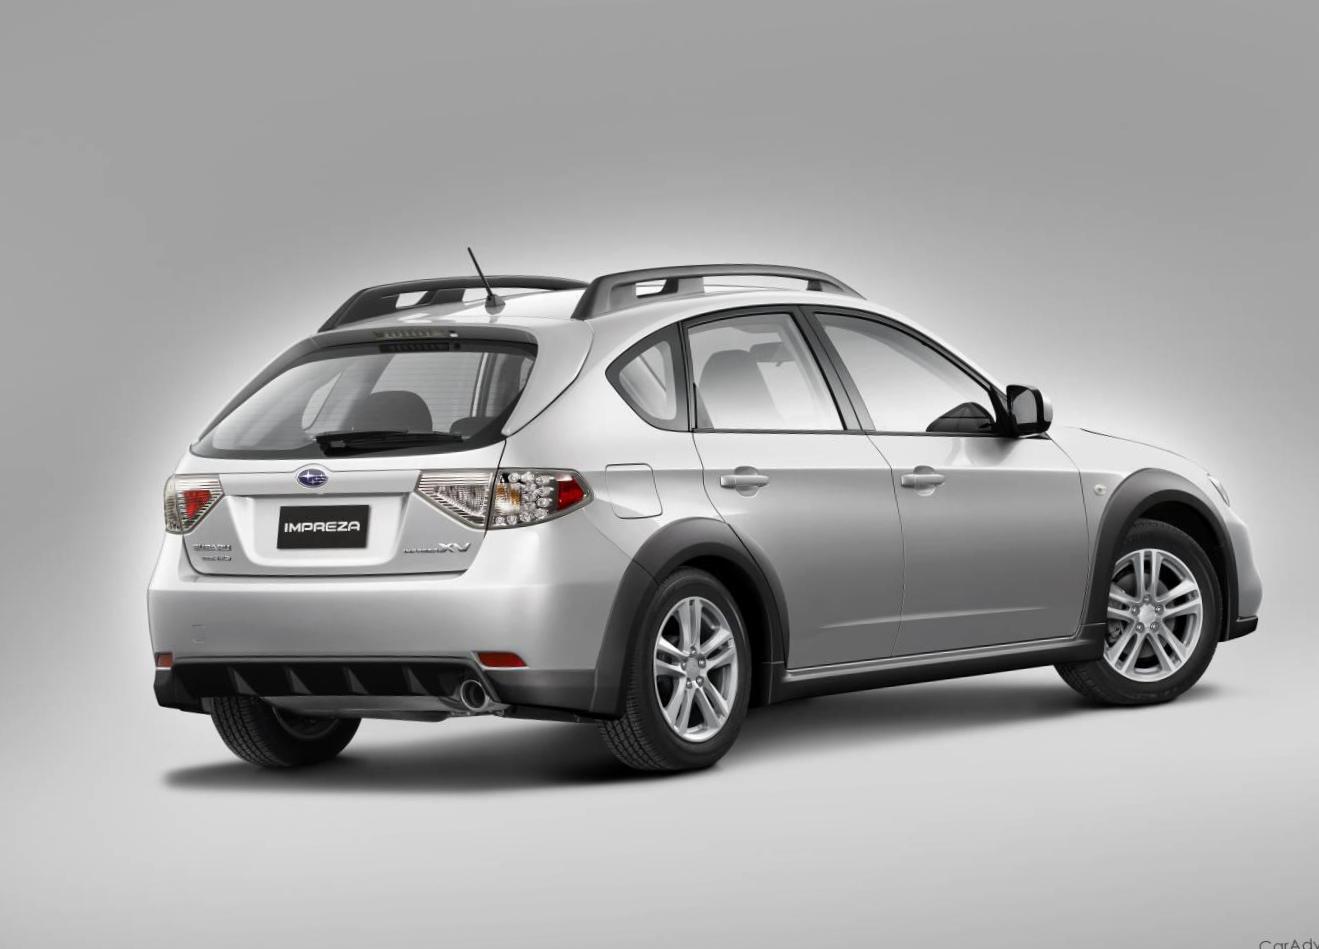 Xv Subaru Models 2009